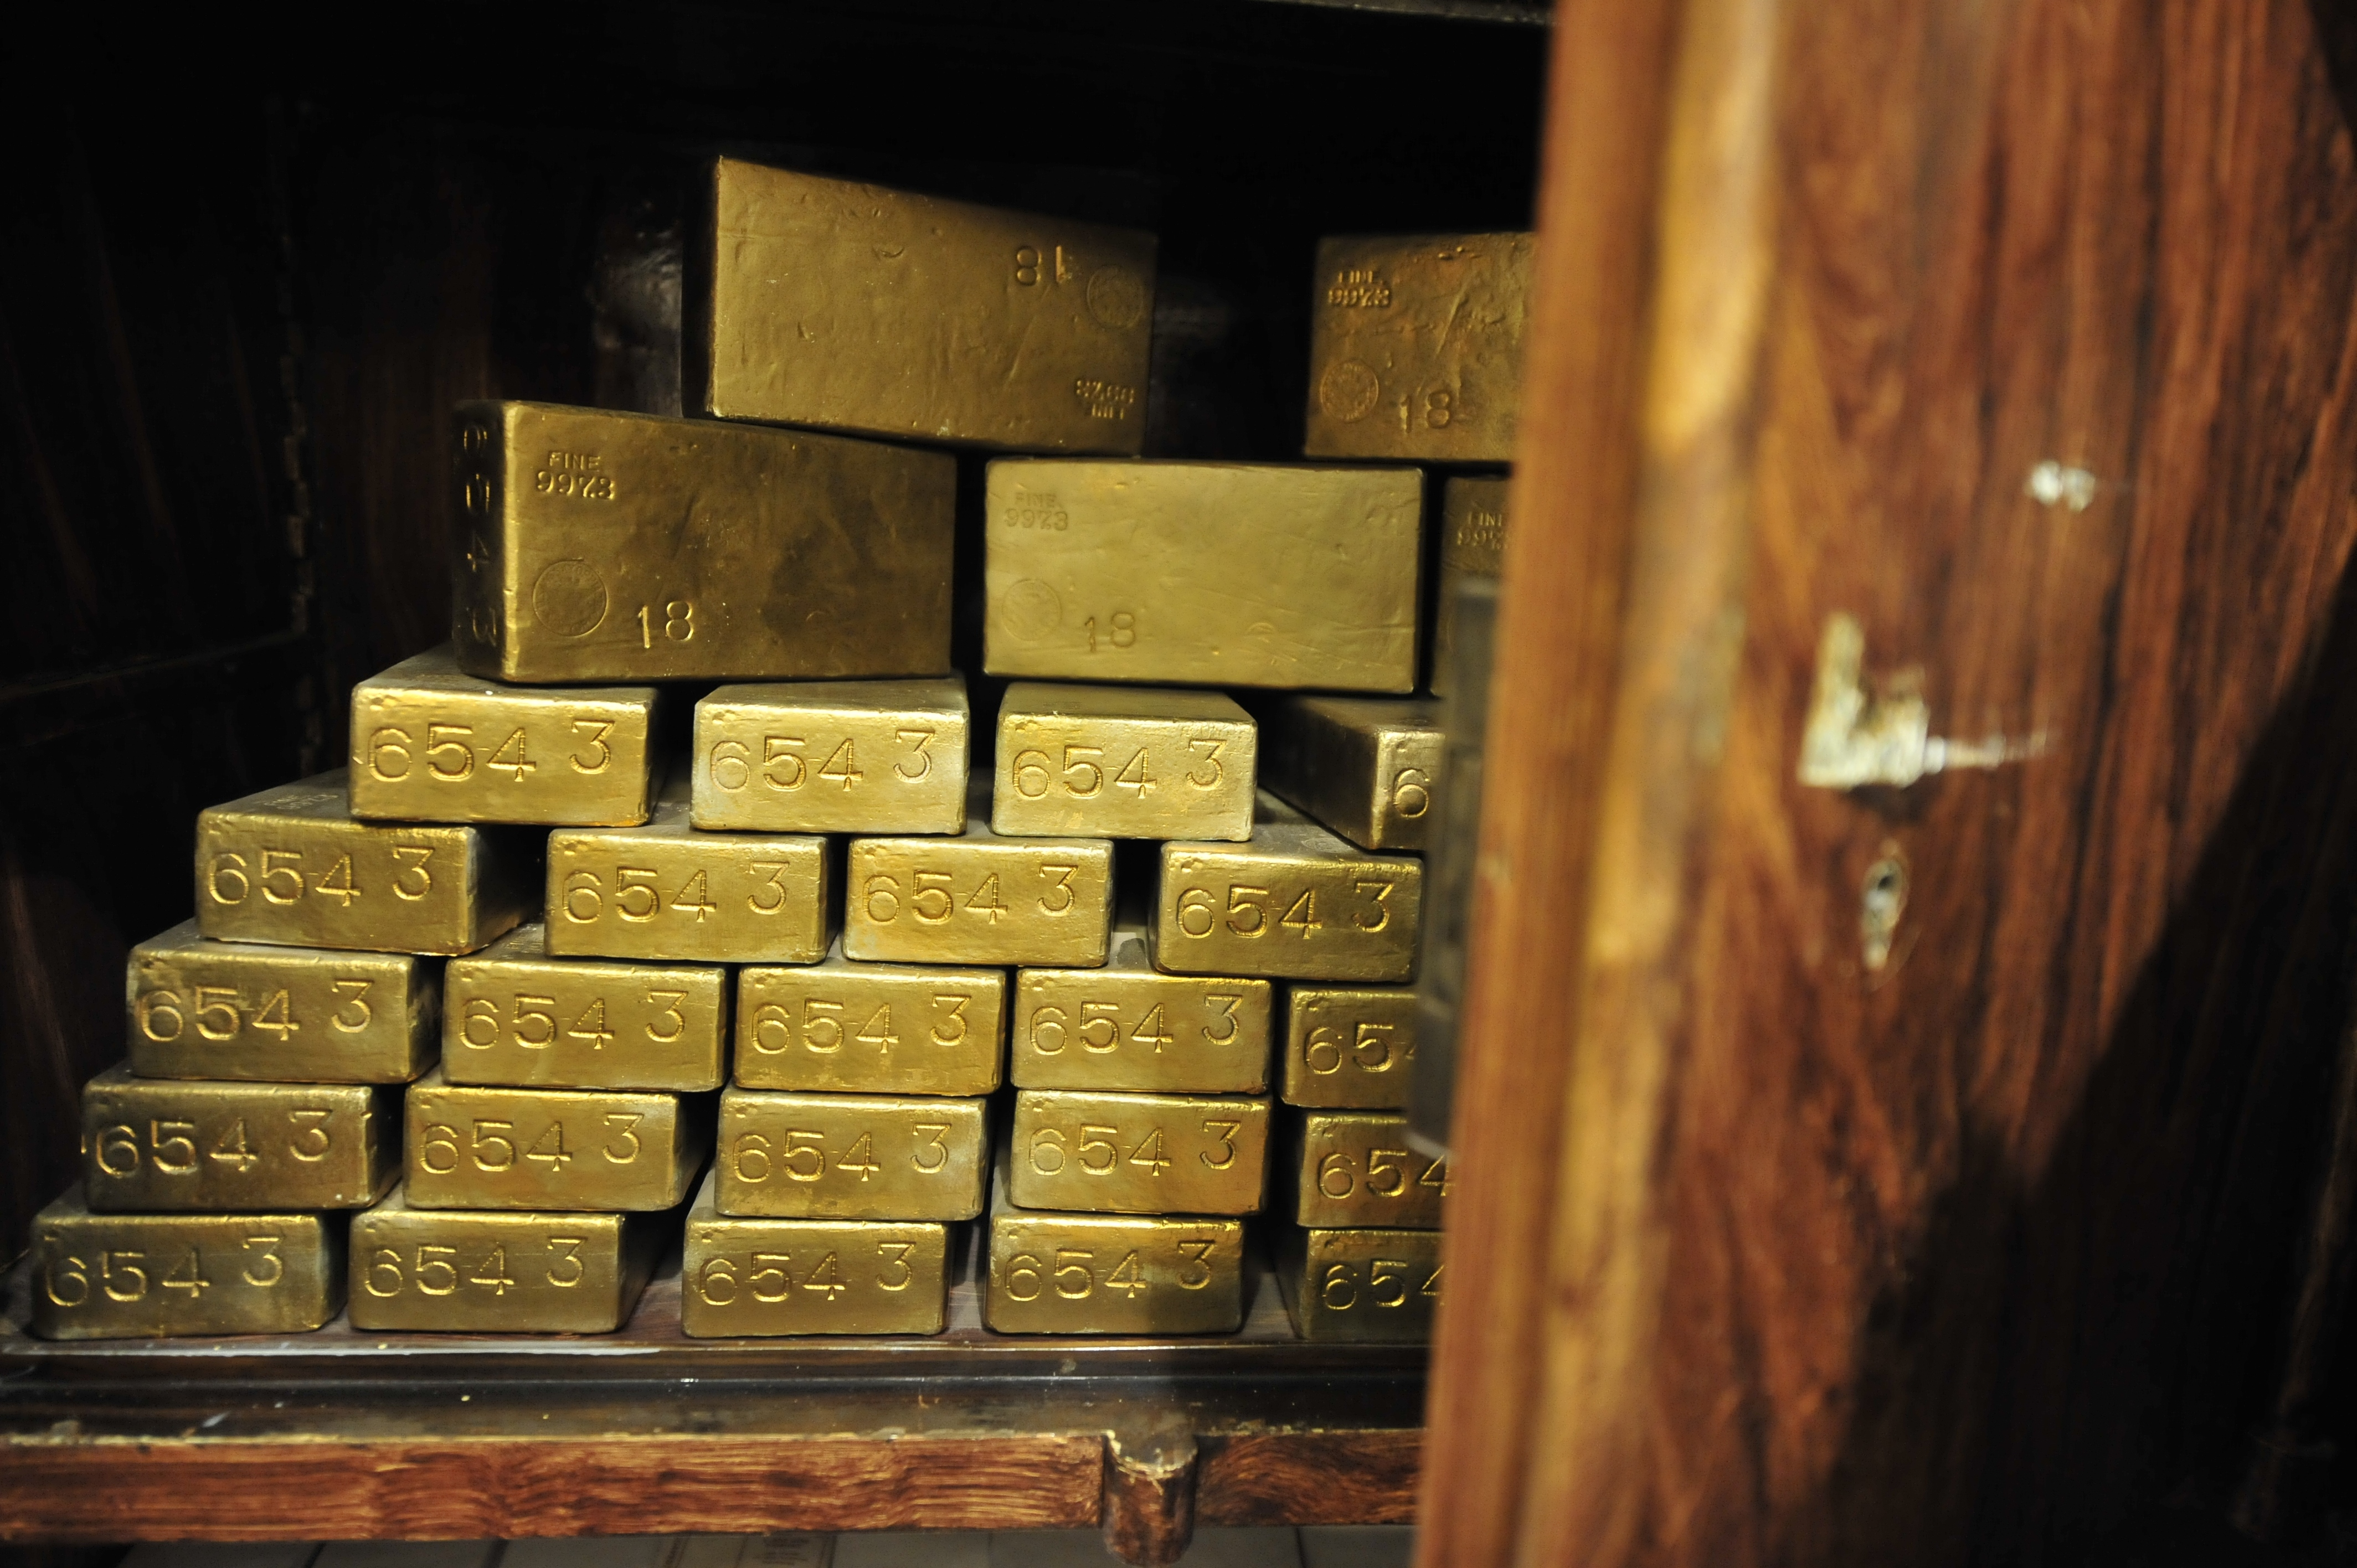 750 kiló aranyat raboltak el egy brazil repülőtérről